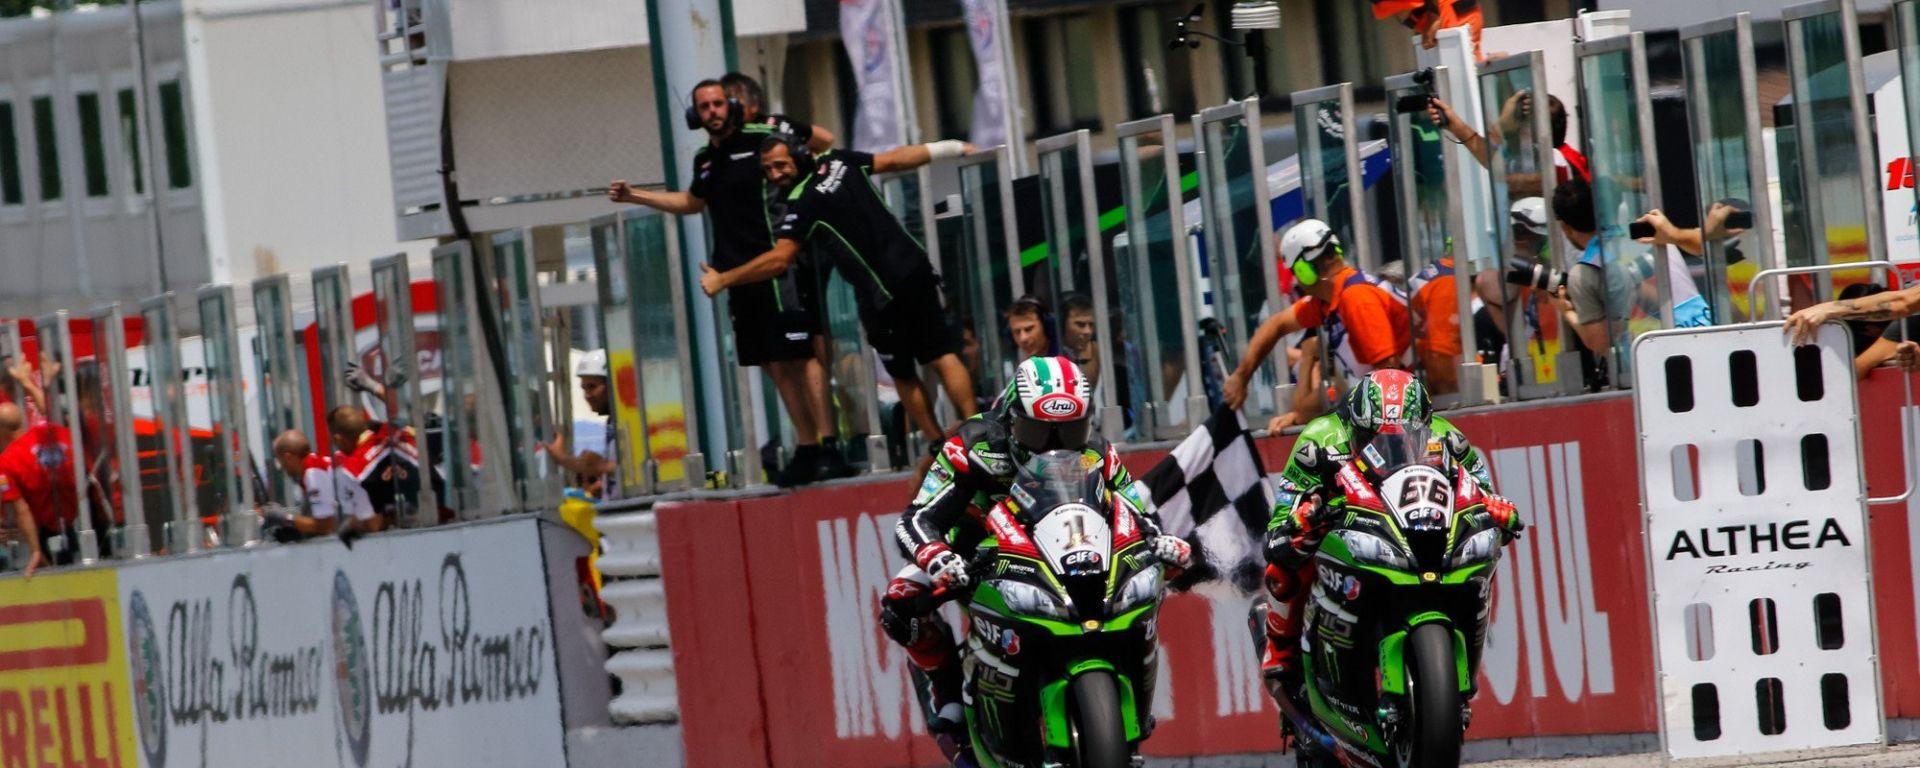 Superbike 2017 round 7 Gran Premio di San Marino Misano: prove libere, qualifiche, Gara 1 e Gara 2